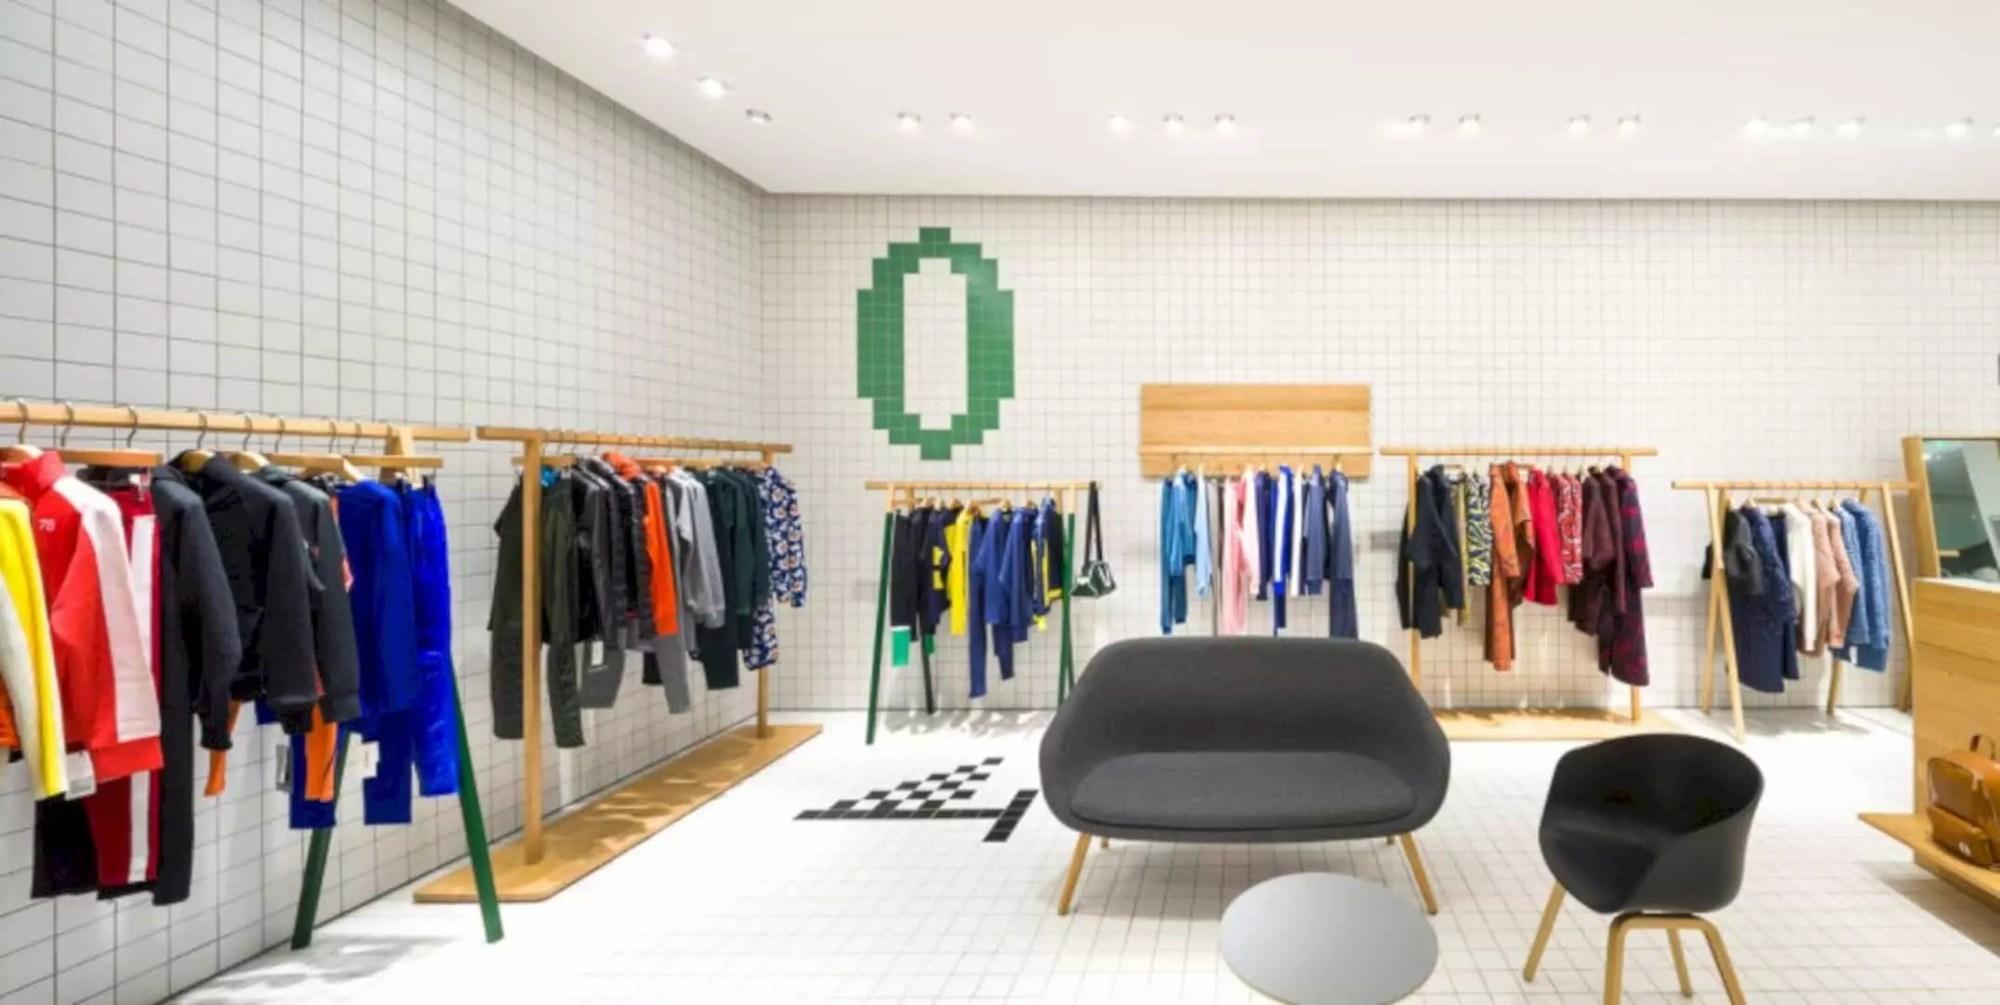 Zuczug Sanlitun: A Cool Vibrant Clothing Store in Shanghai